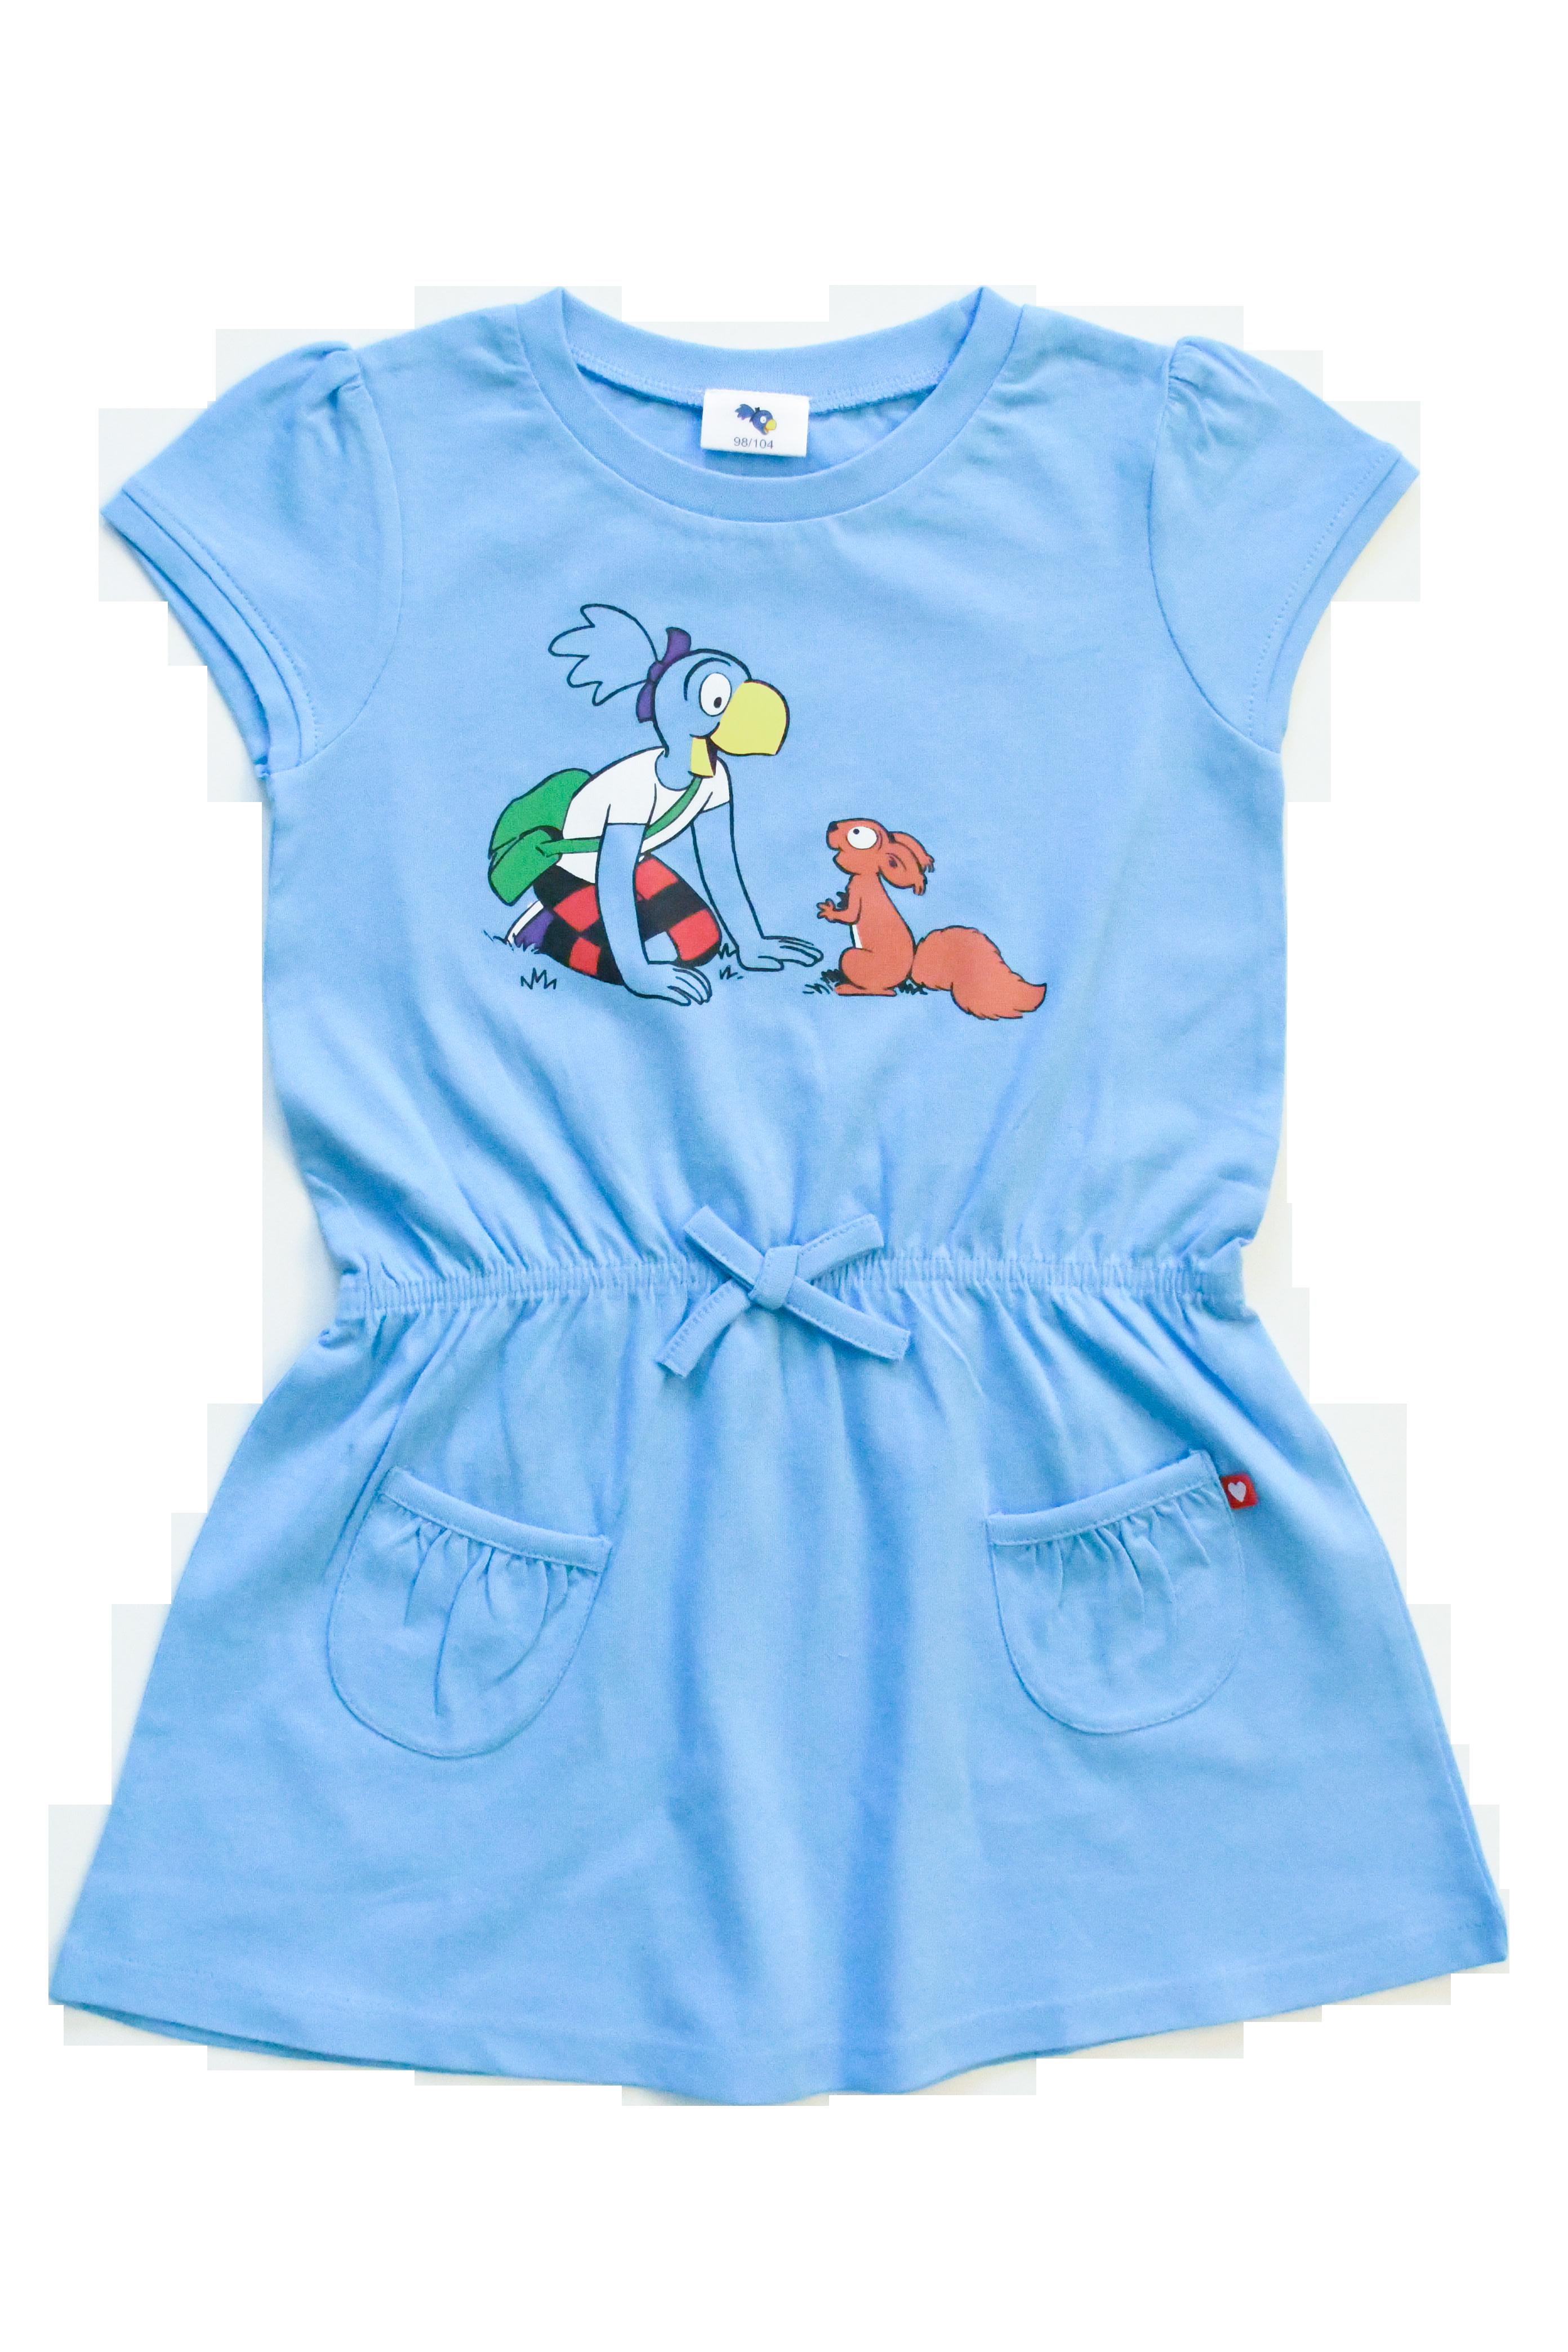 Globine Kleid blau 134/140